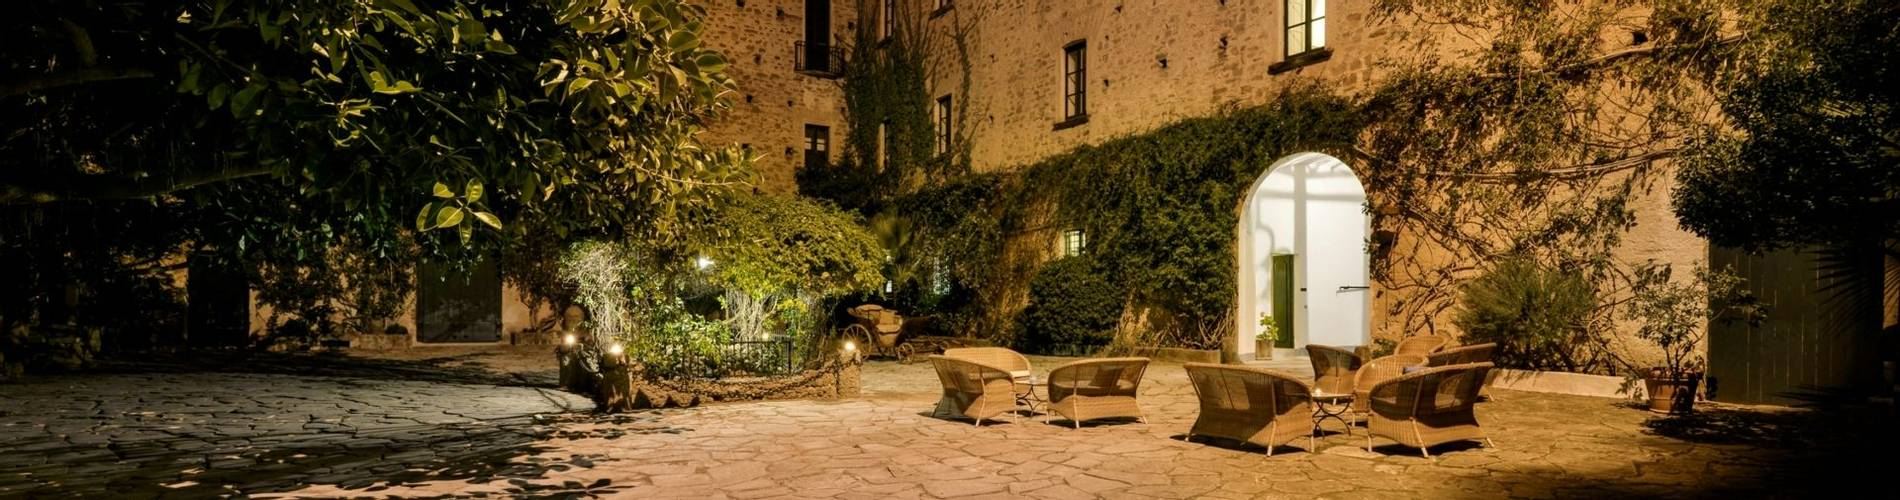 Palazzo Belmonte 3.jpg